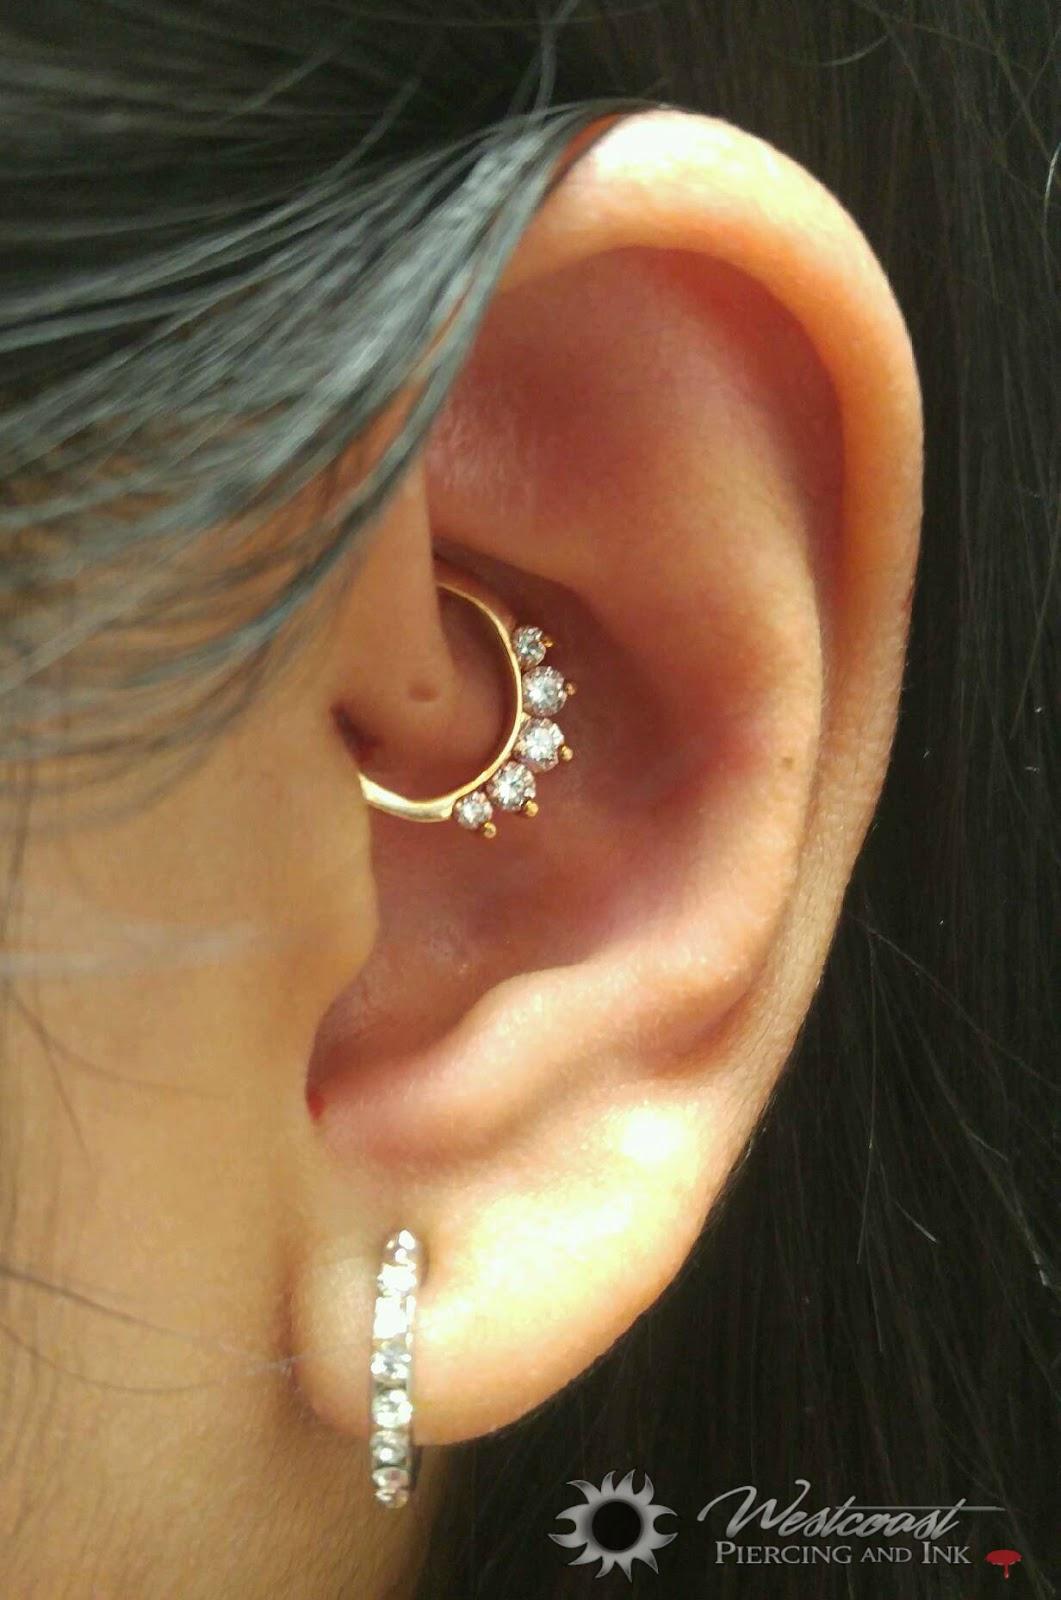 Cheap piercings gold coast